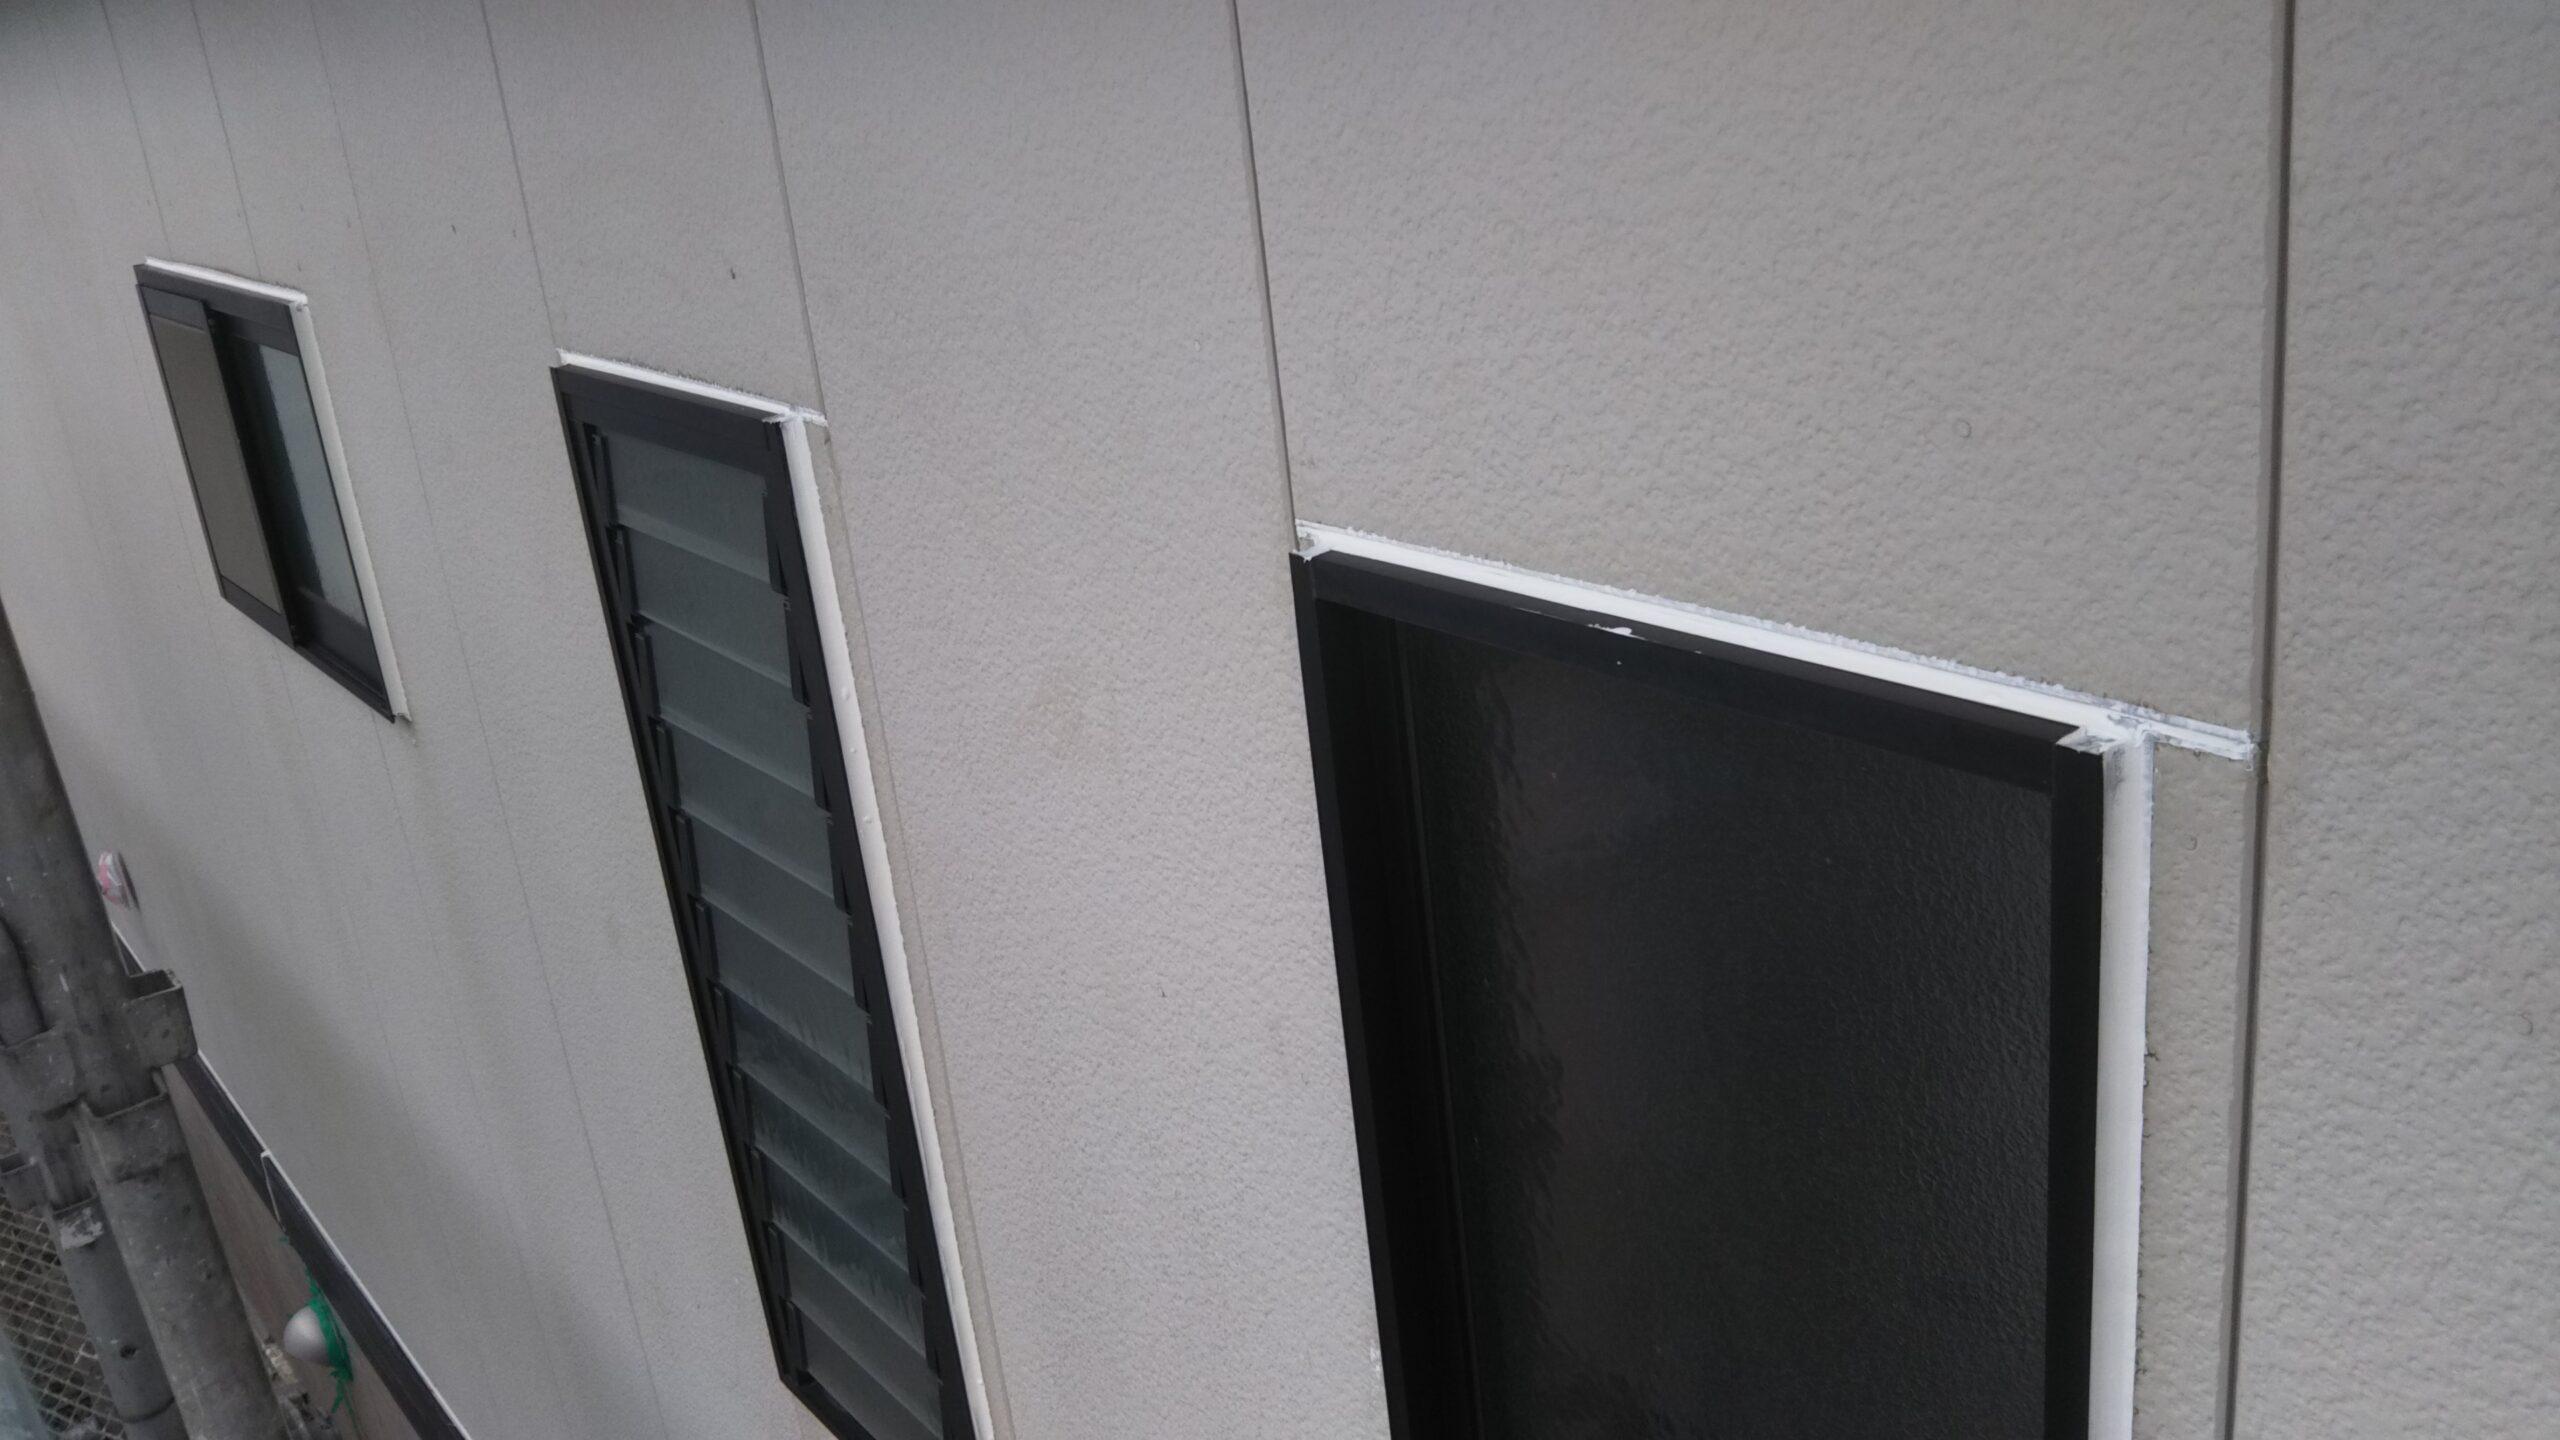 埼玉県さいたま市西区のK様邸(木造2階建て)にてコーキングの打ち替え・外壁塗装の養生作業